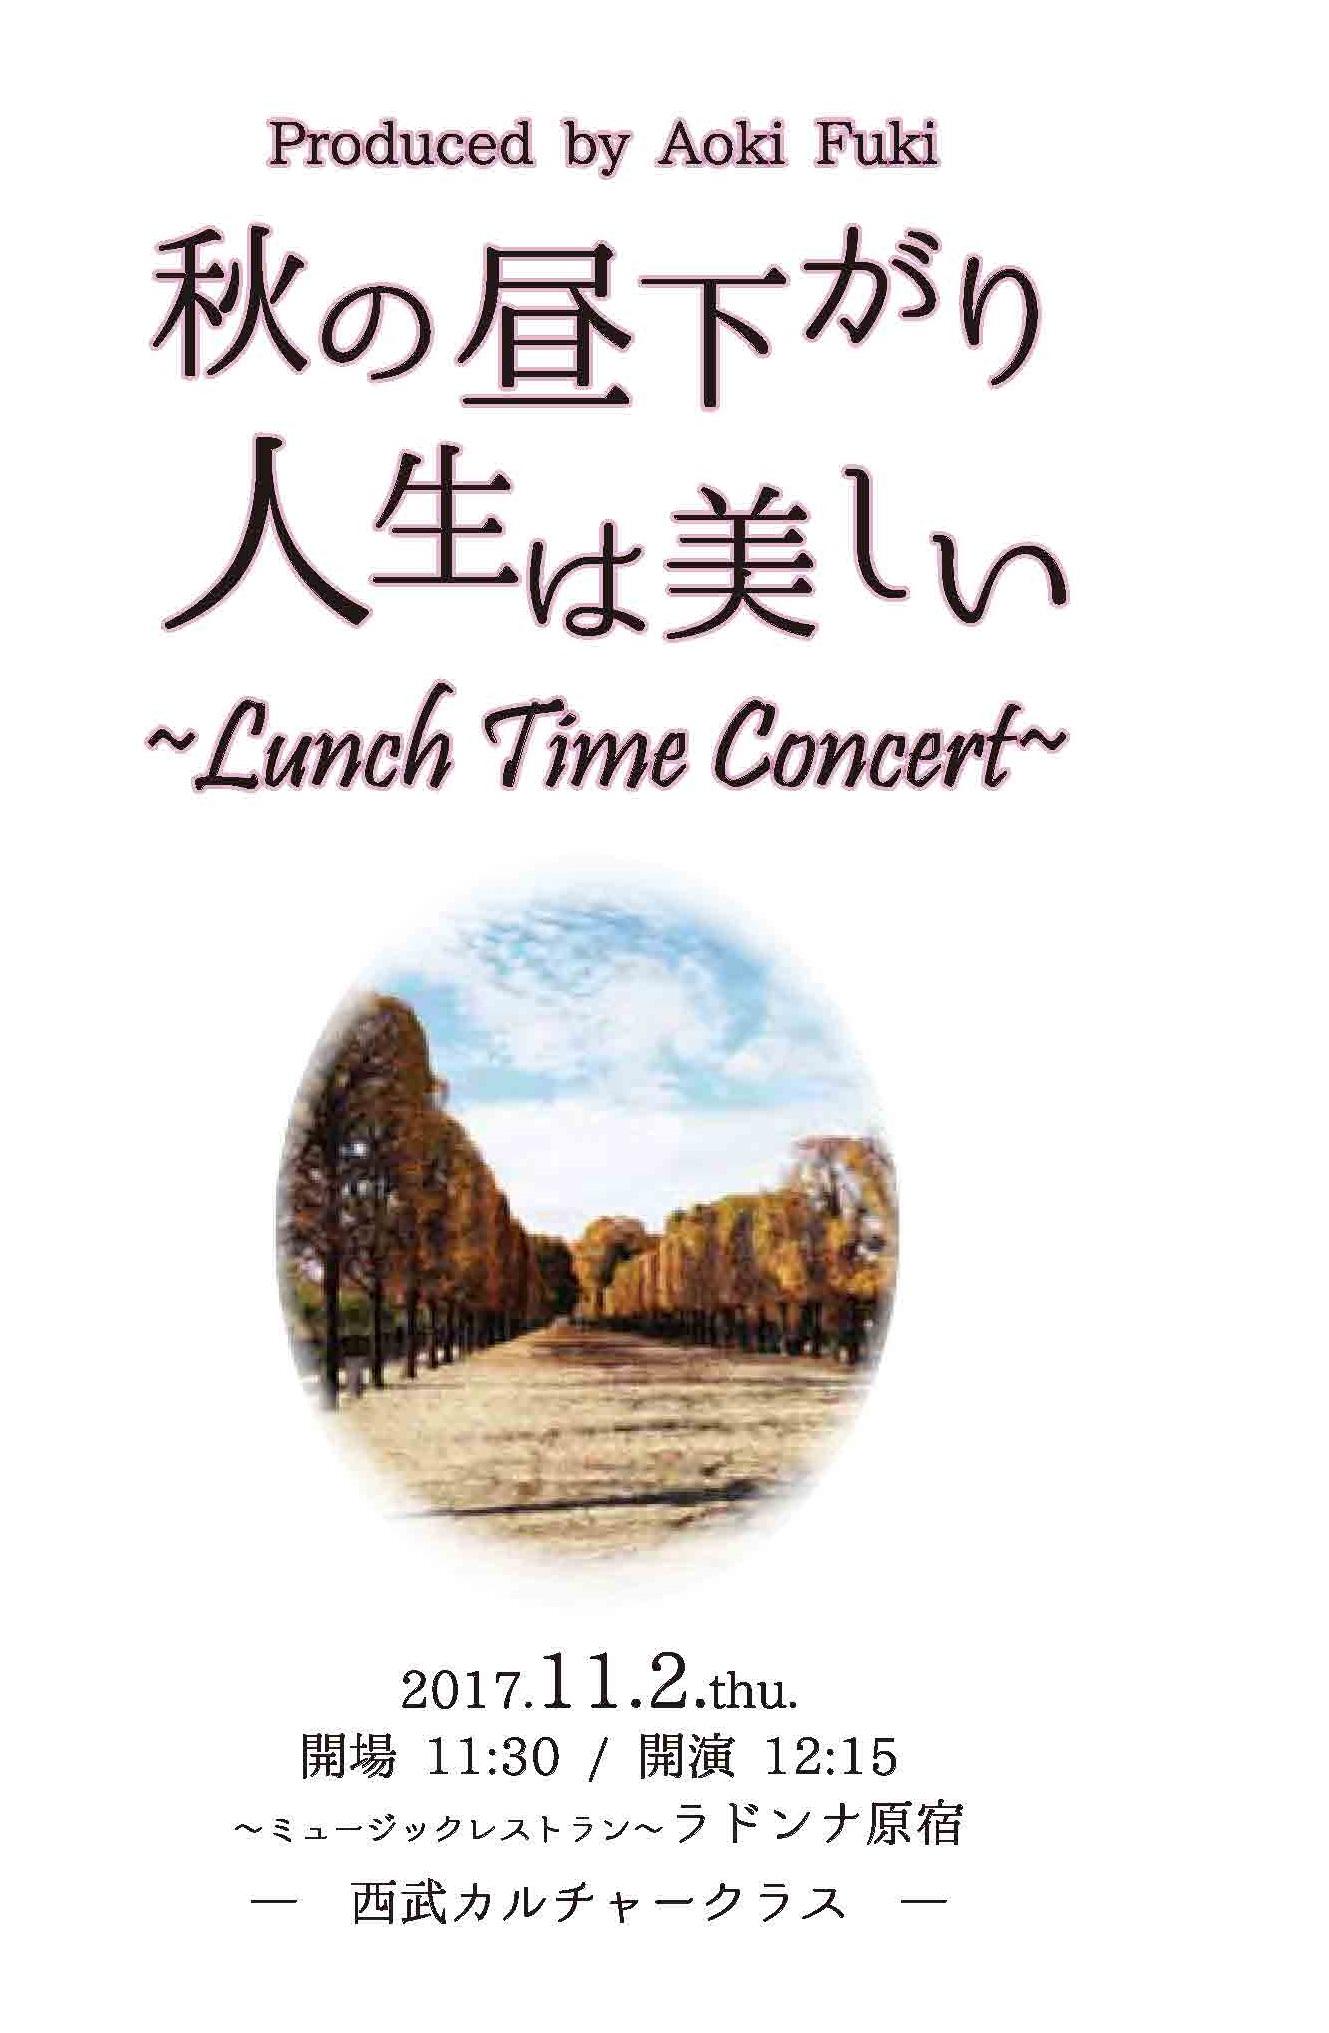 青木FUKIプロデュース 秋の昼下がり 人生は美しい ランチタイムコンサート ~西武カルチャークラス~